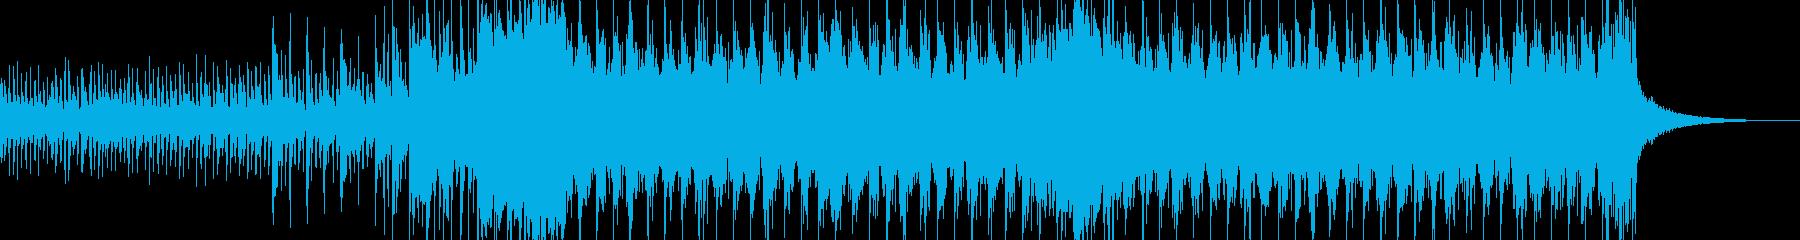 スラップベースを使用したシンセロックですの再生済みの波形